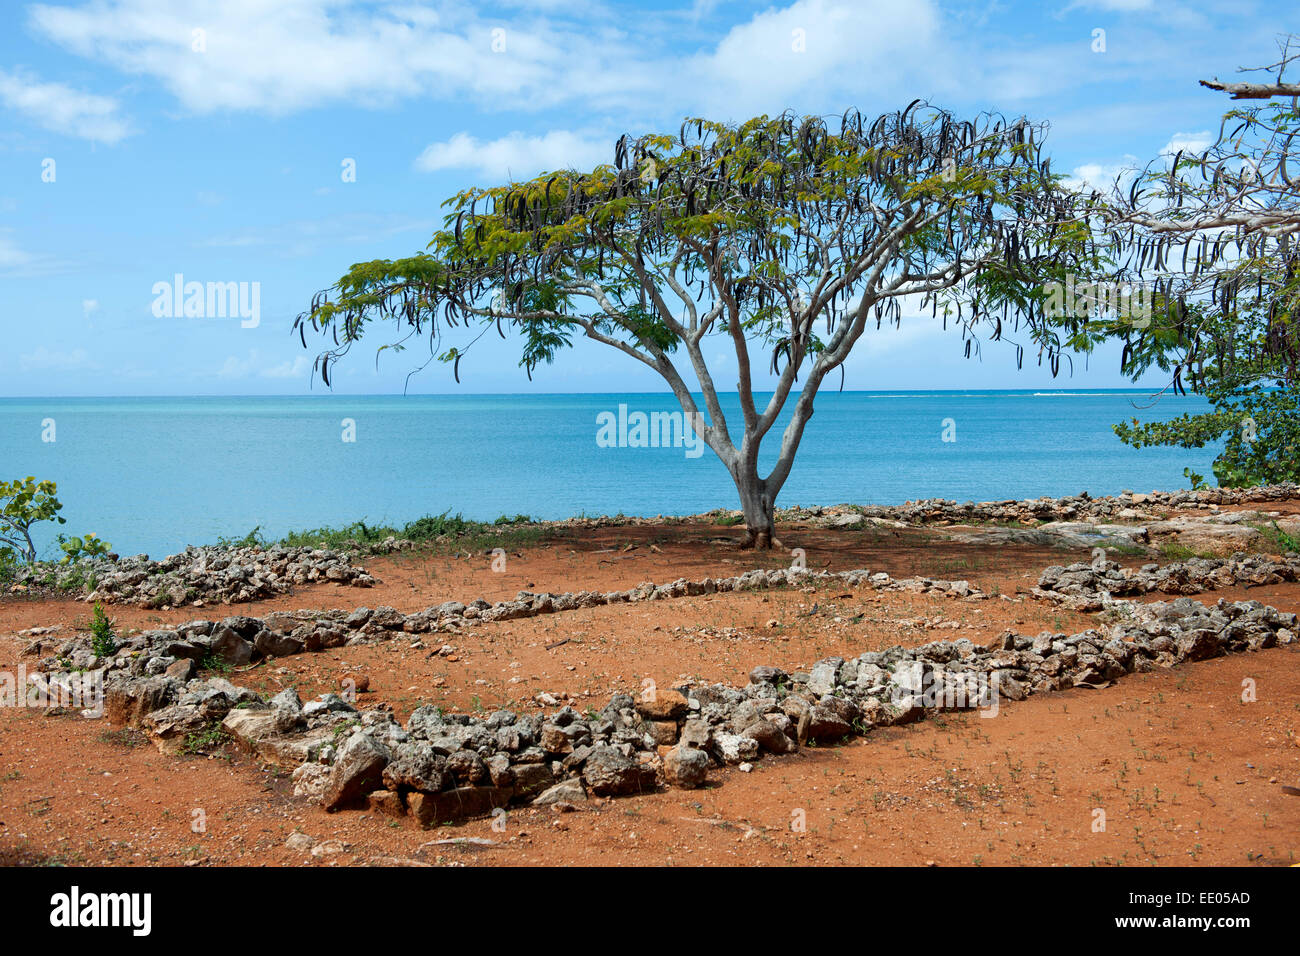 Dominikanische Republik, Nordküste, Ausgrabungen von La Isabela Vieja bei El Castillo, der auf seiner zweiten - Stock Image